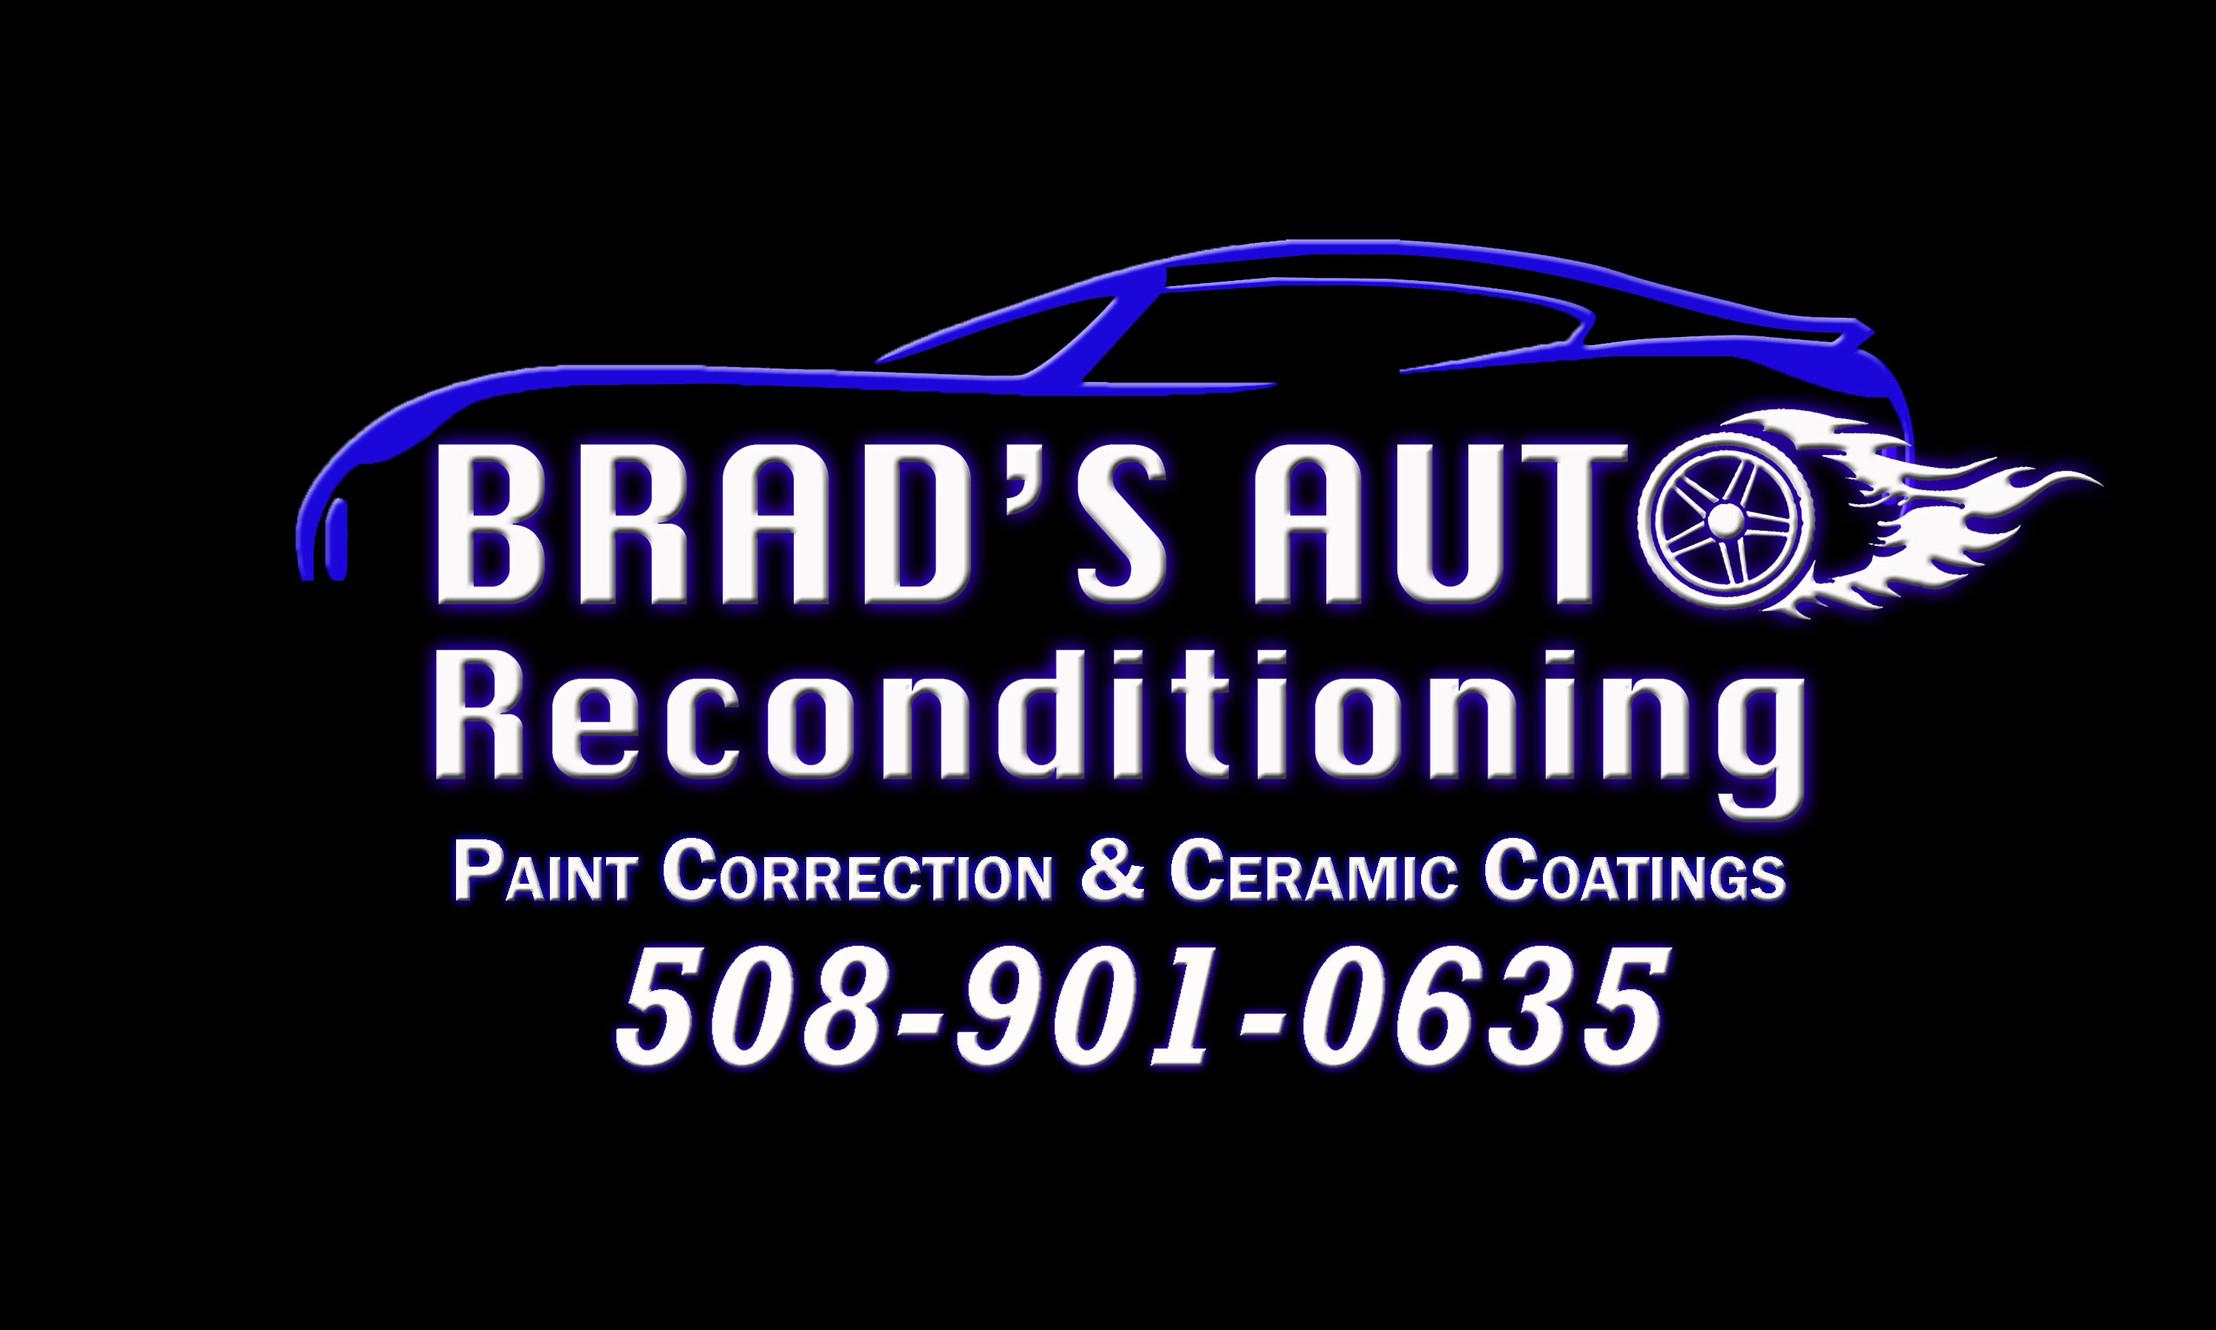 Sponsor Brad's Auto Reconditioning